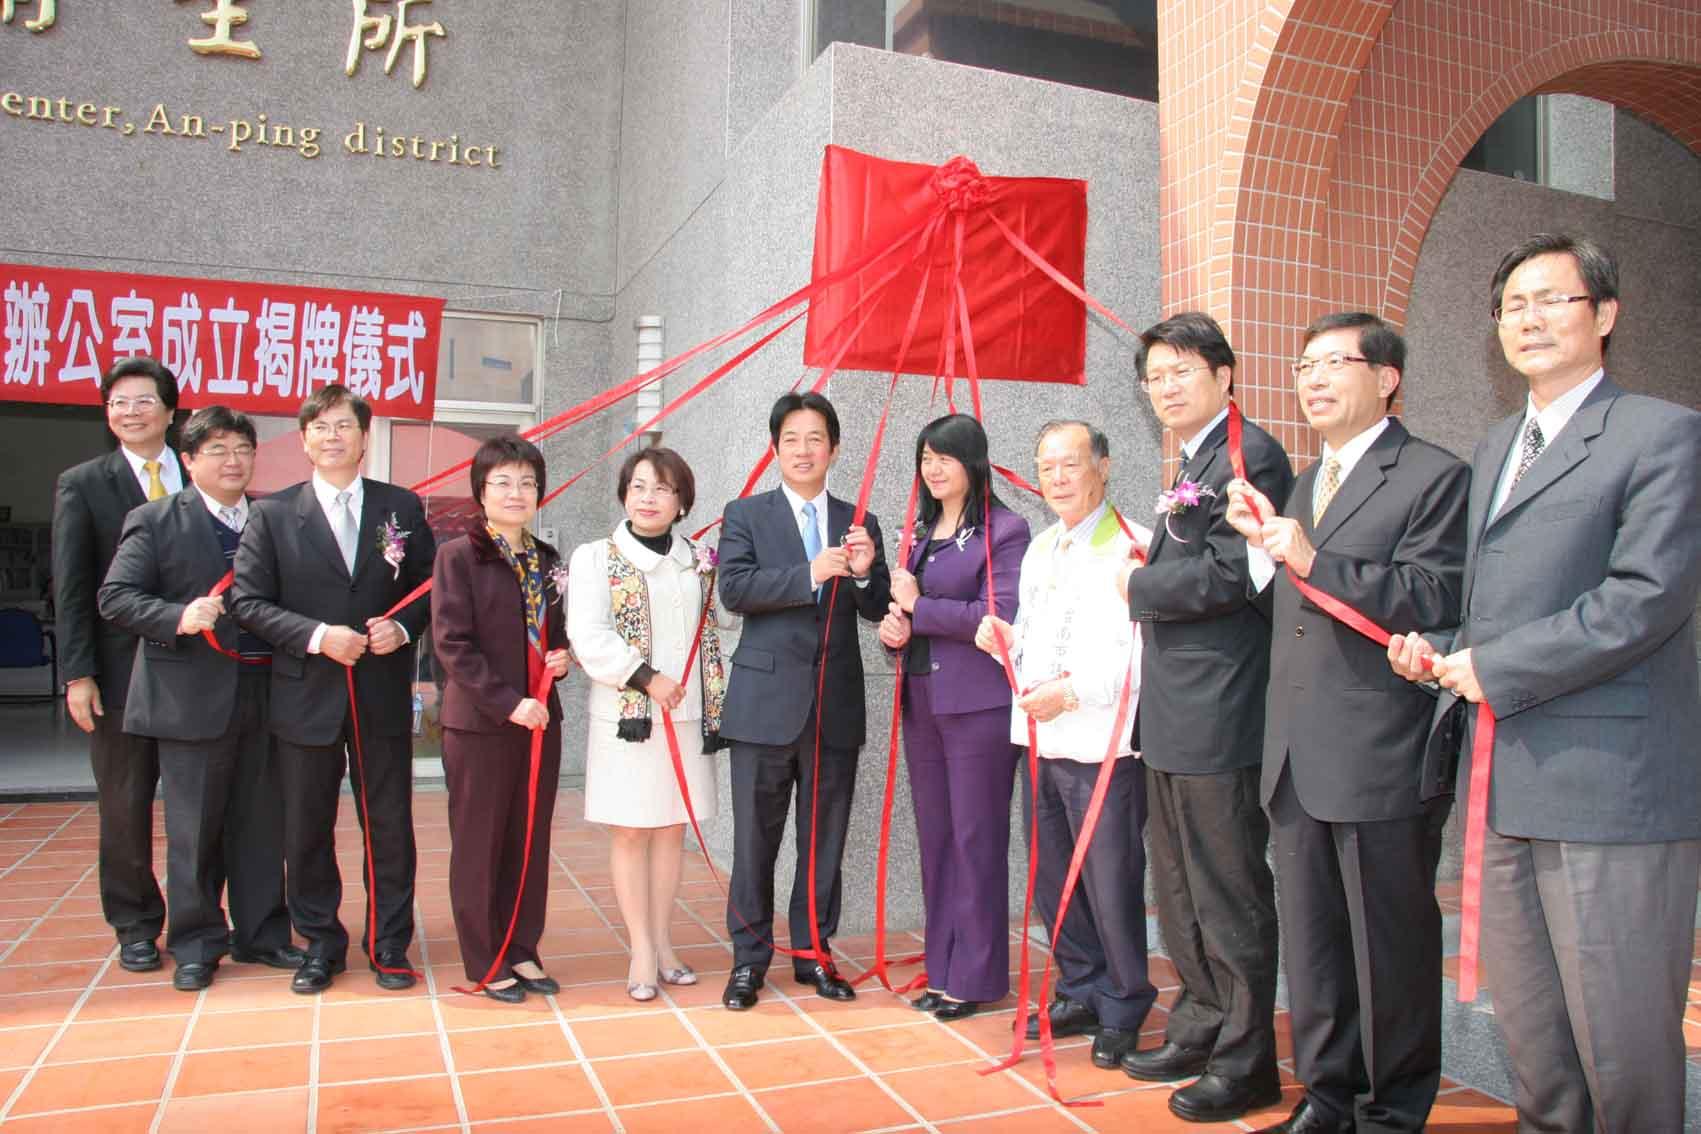 臺南市政府成立災害防救辦公室揭牌儀式